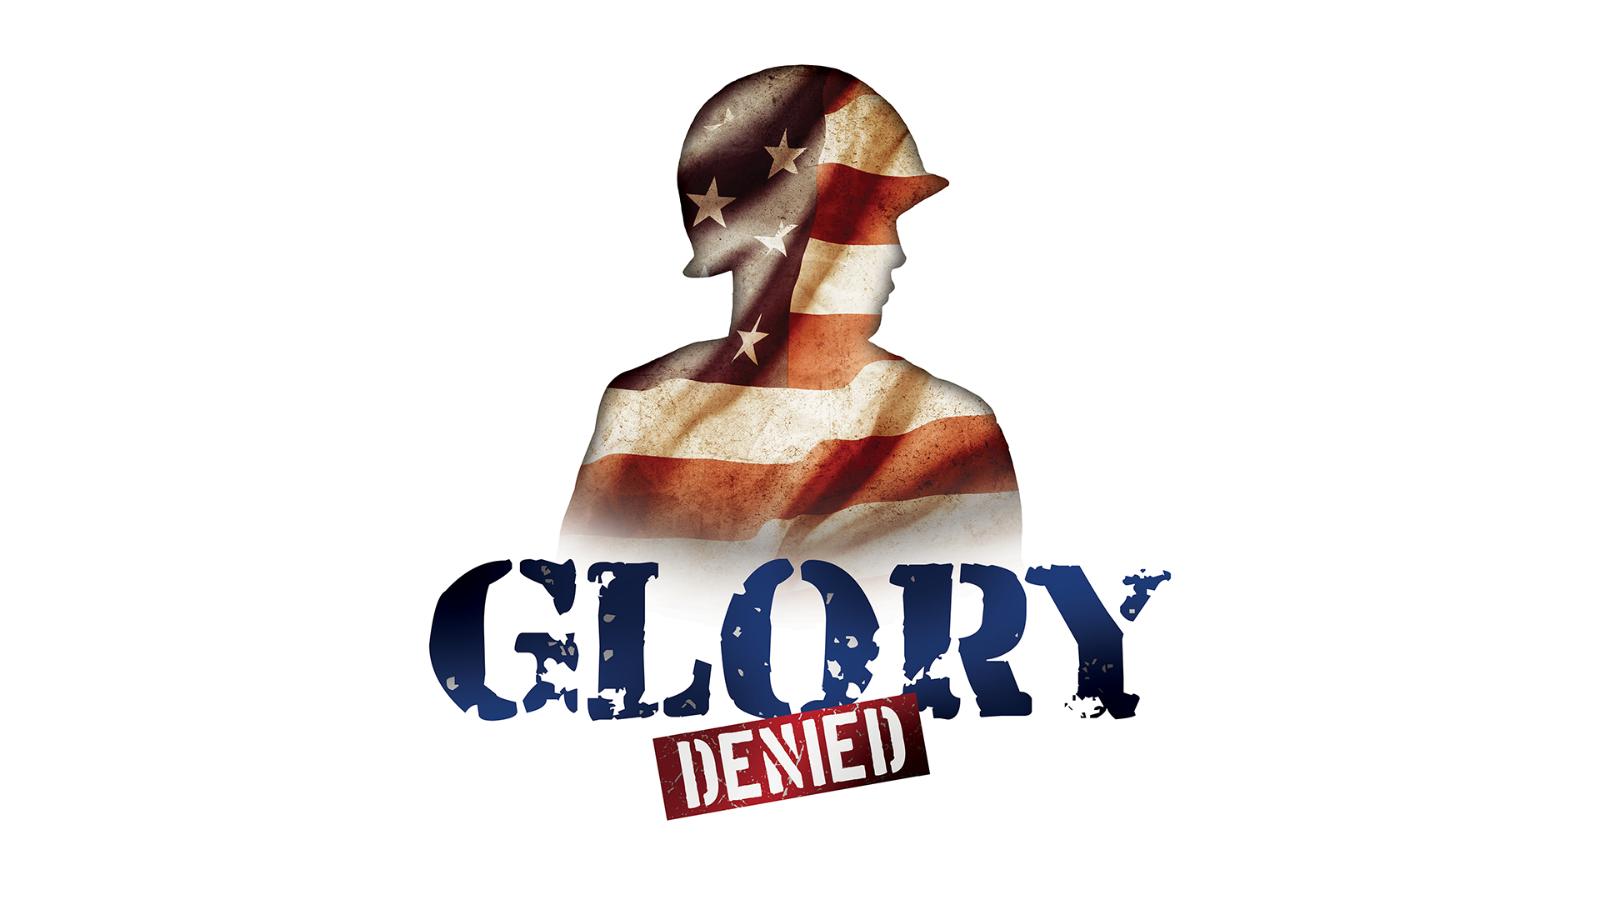 Glory Denied